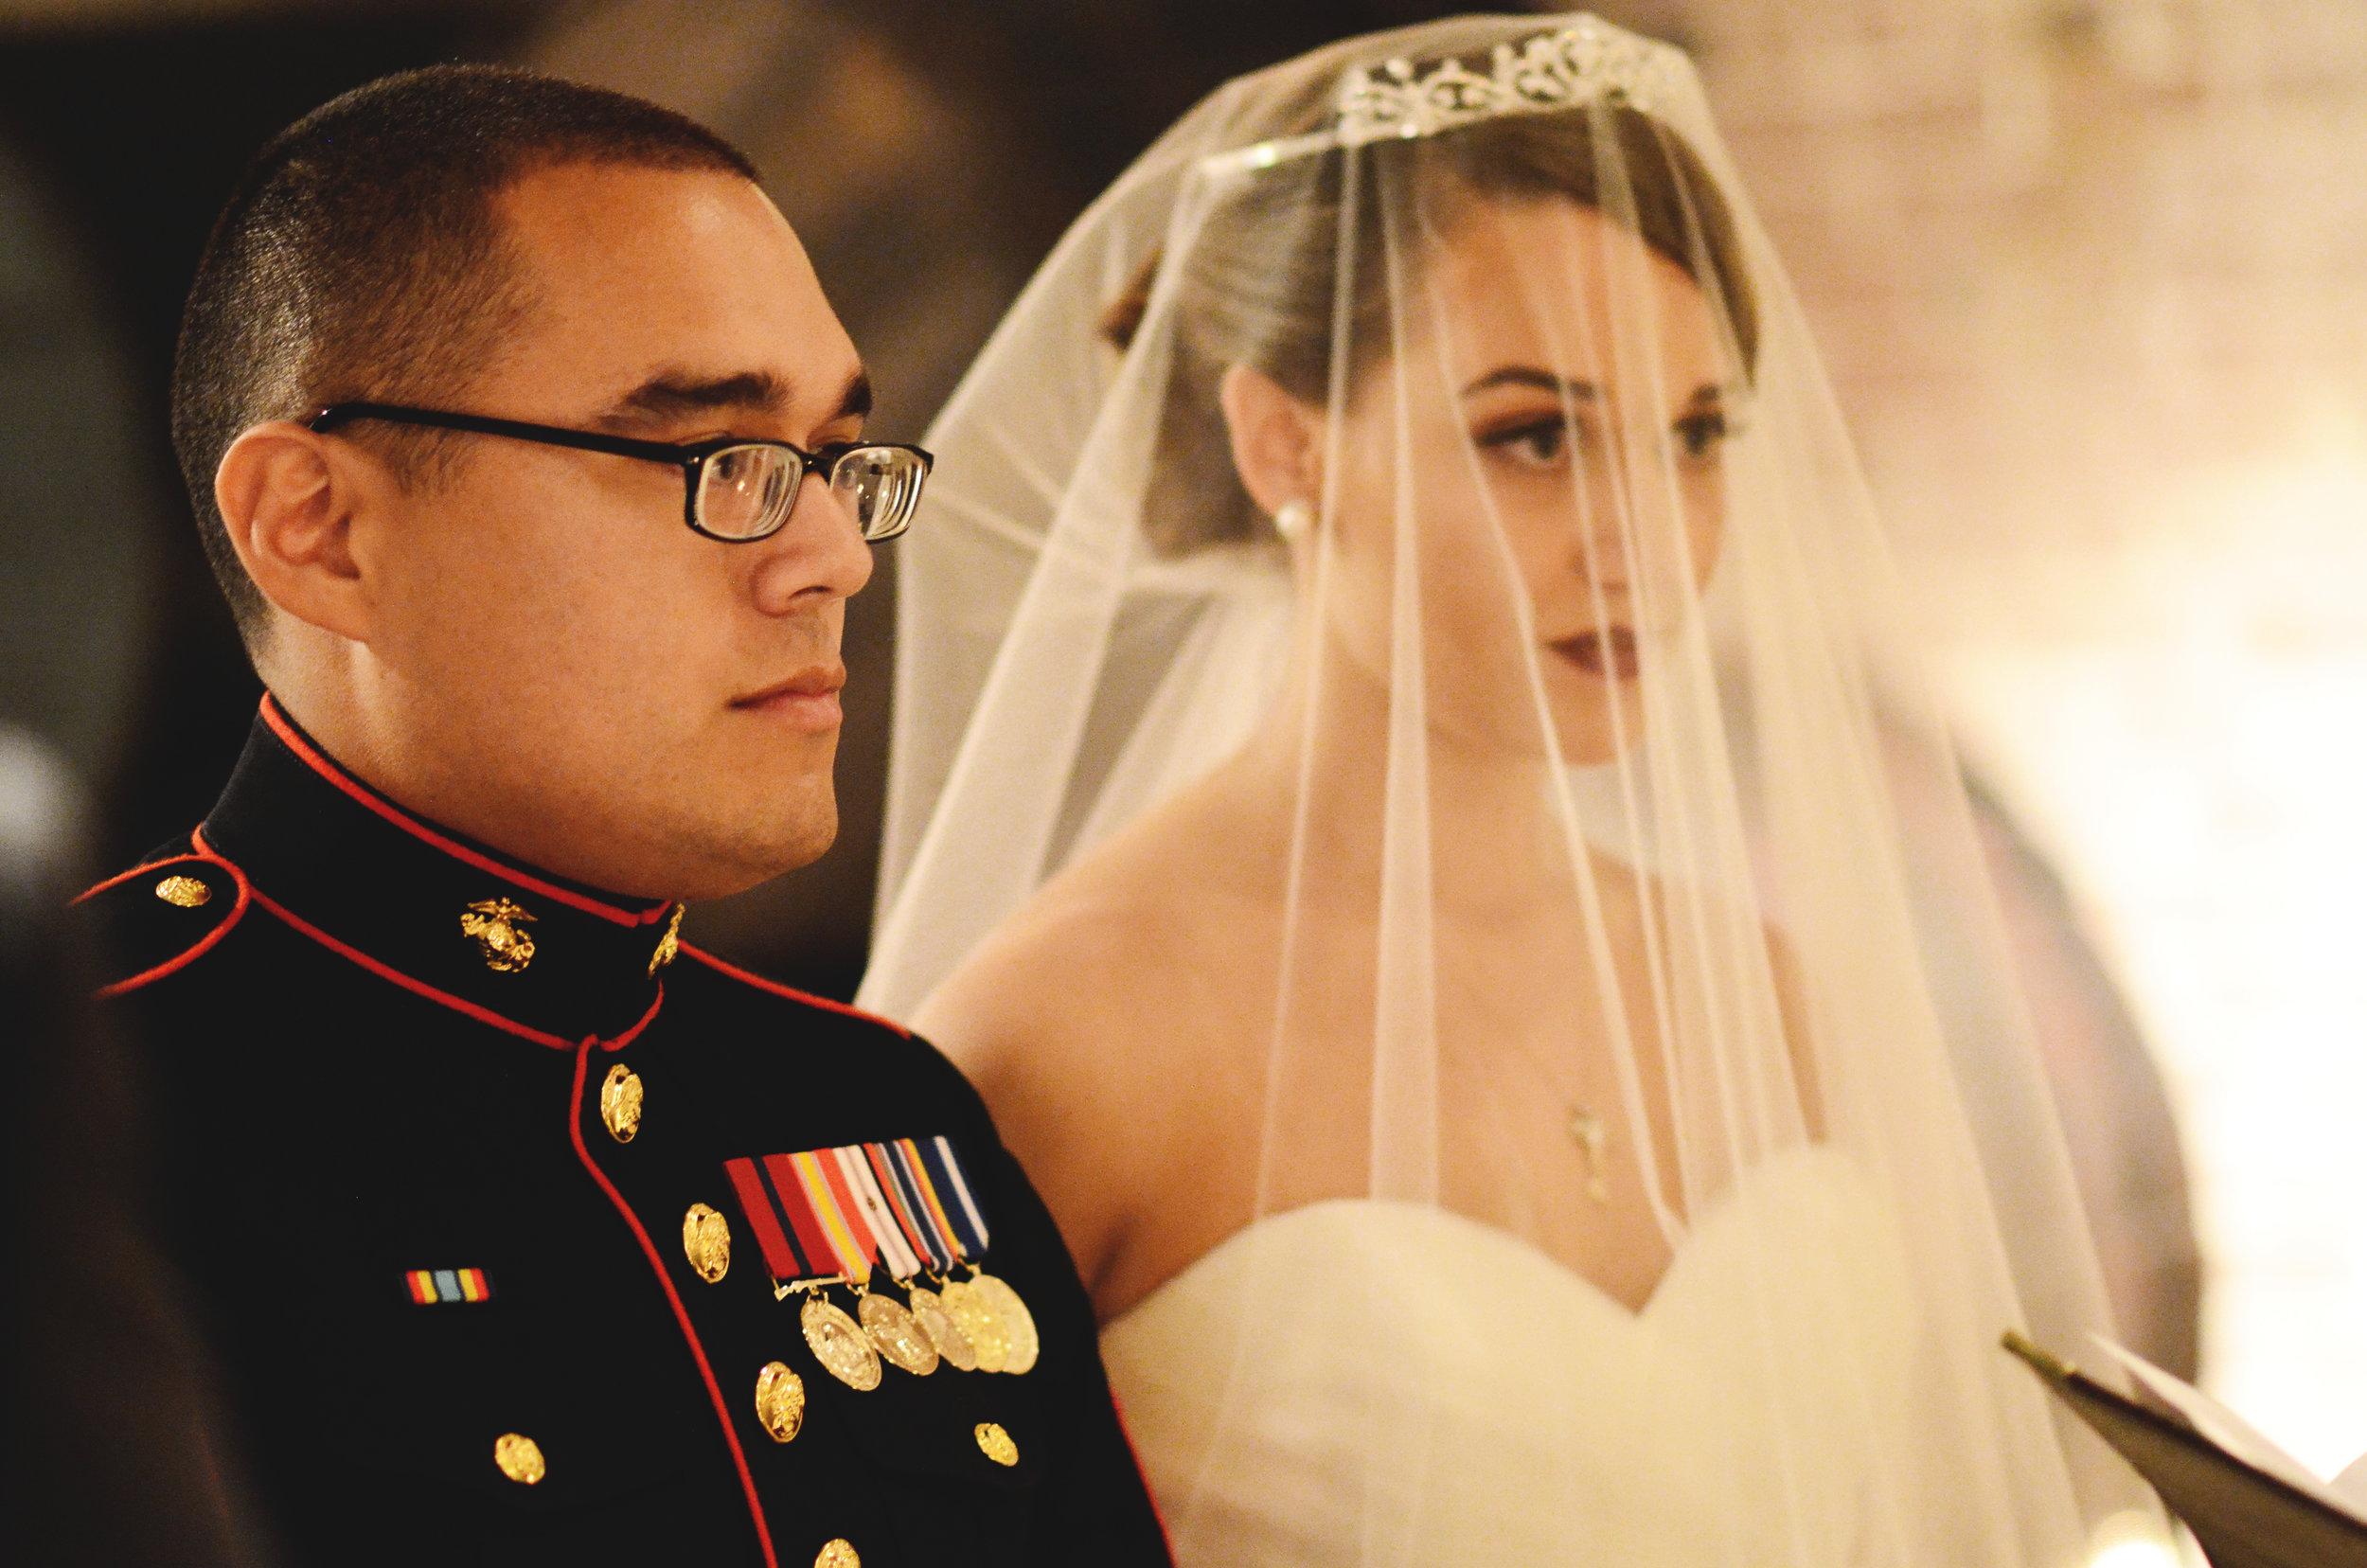 15 August 2014, The Benson Hotel, Portland, Oregon. Our wedding was pretty much a fairytale.